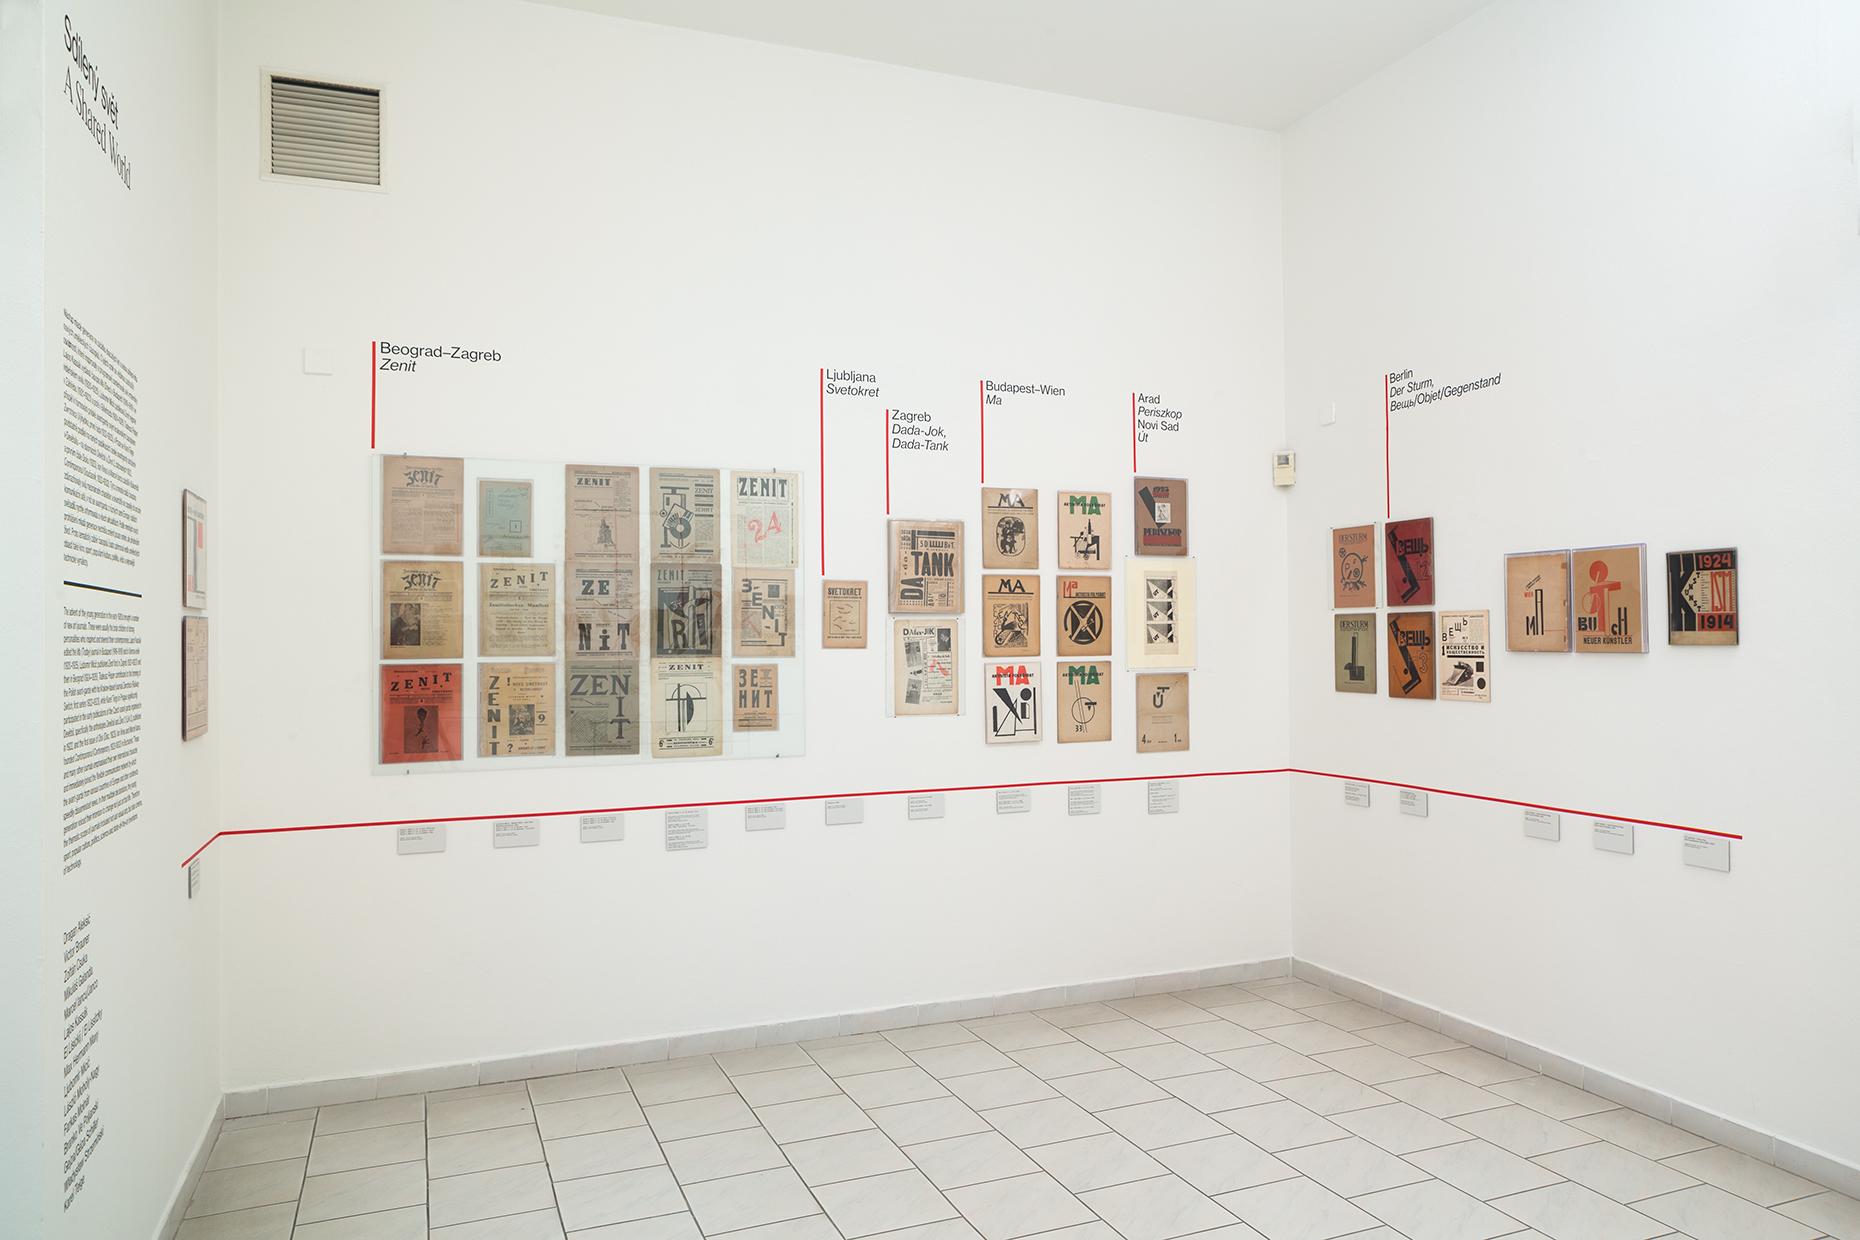 """Városok és folyóiratok, közöttük jobbra Kassák Lajos lapja, a """"Ma"""""""